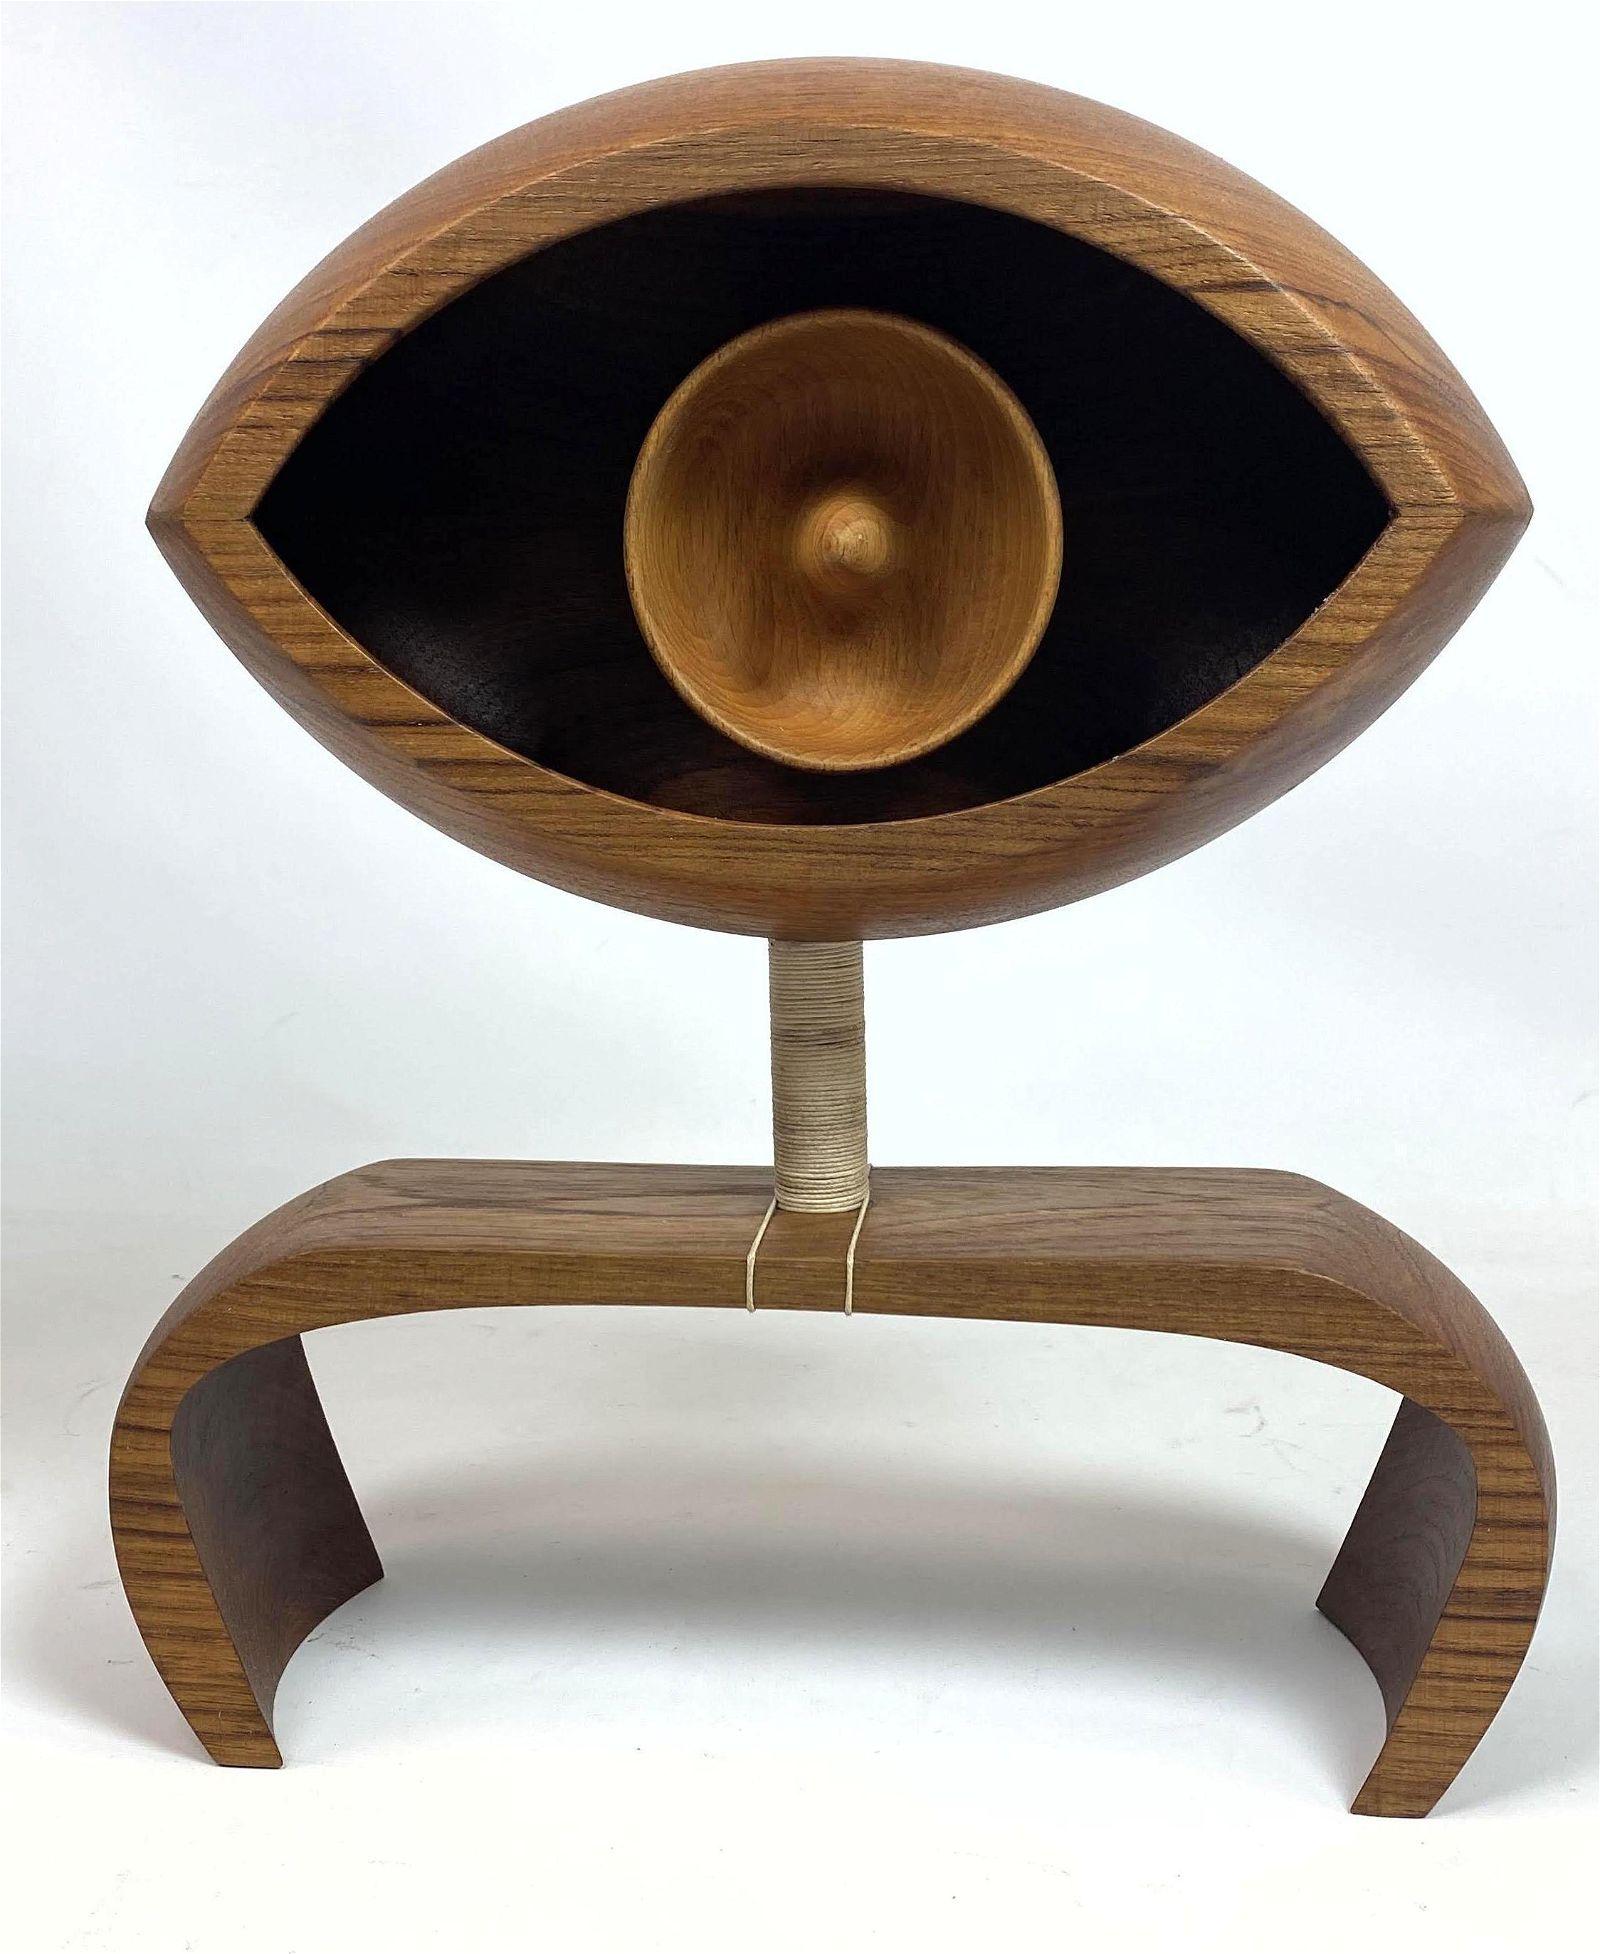 ADAM HENDERSON 2020 Modernist Wood Sculpture. The seei